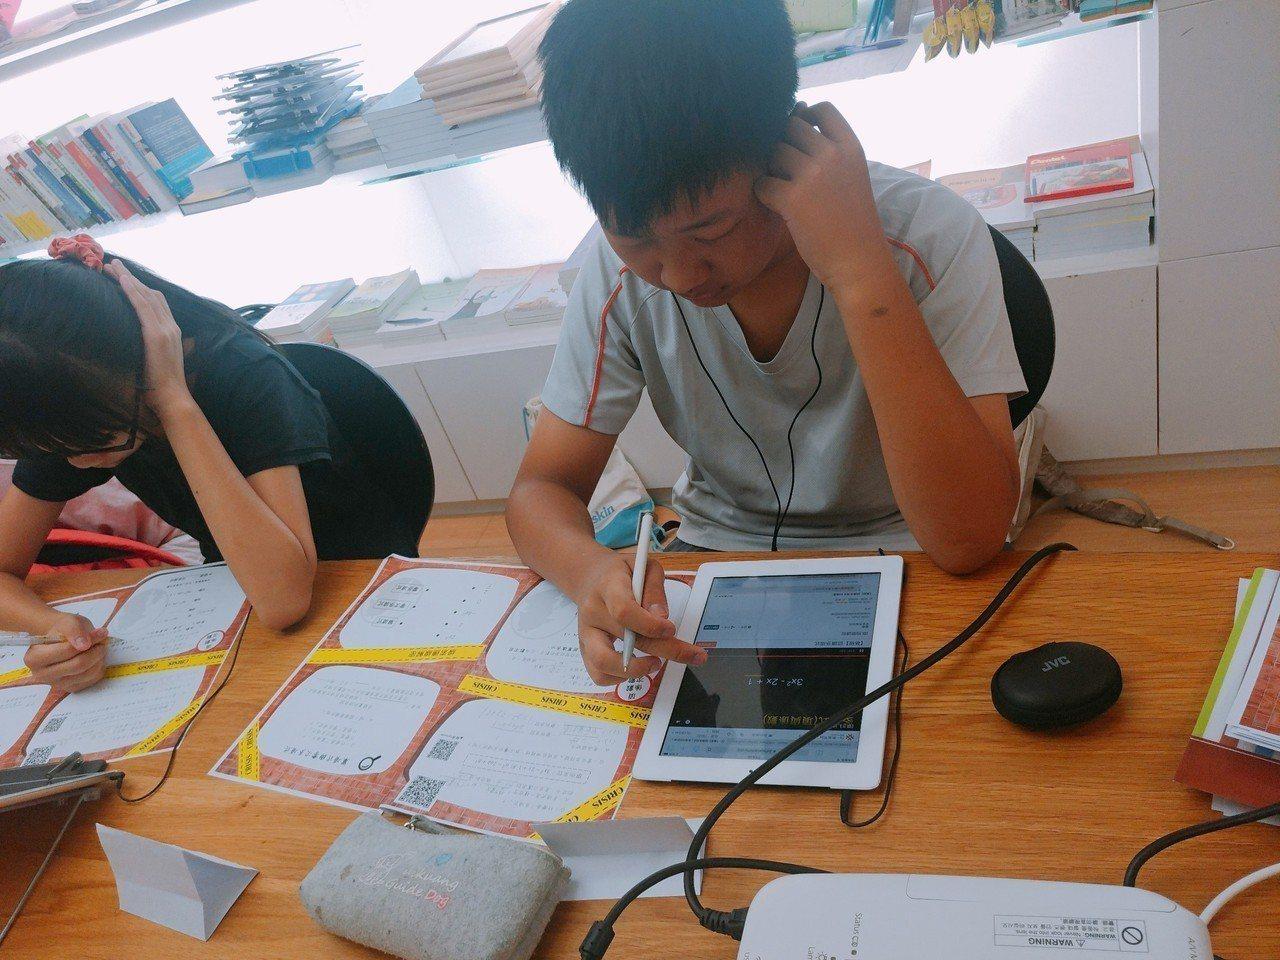 9月是開學季,為了讓老師更有效掌握各學生的學習進度,均一教育平台推出「共享班級」...